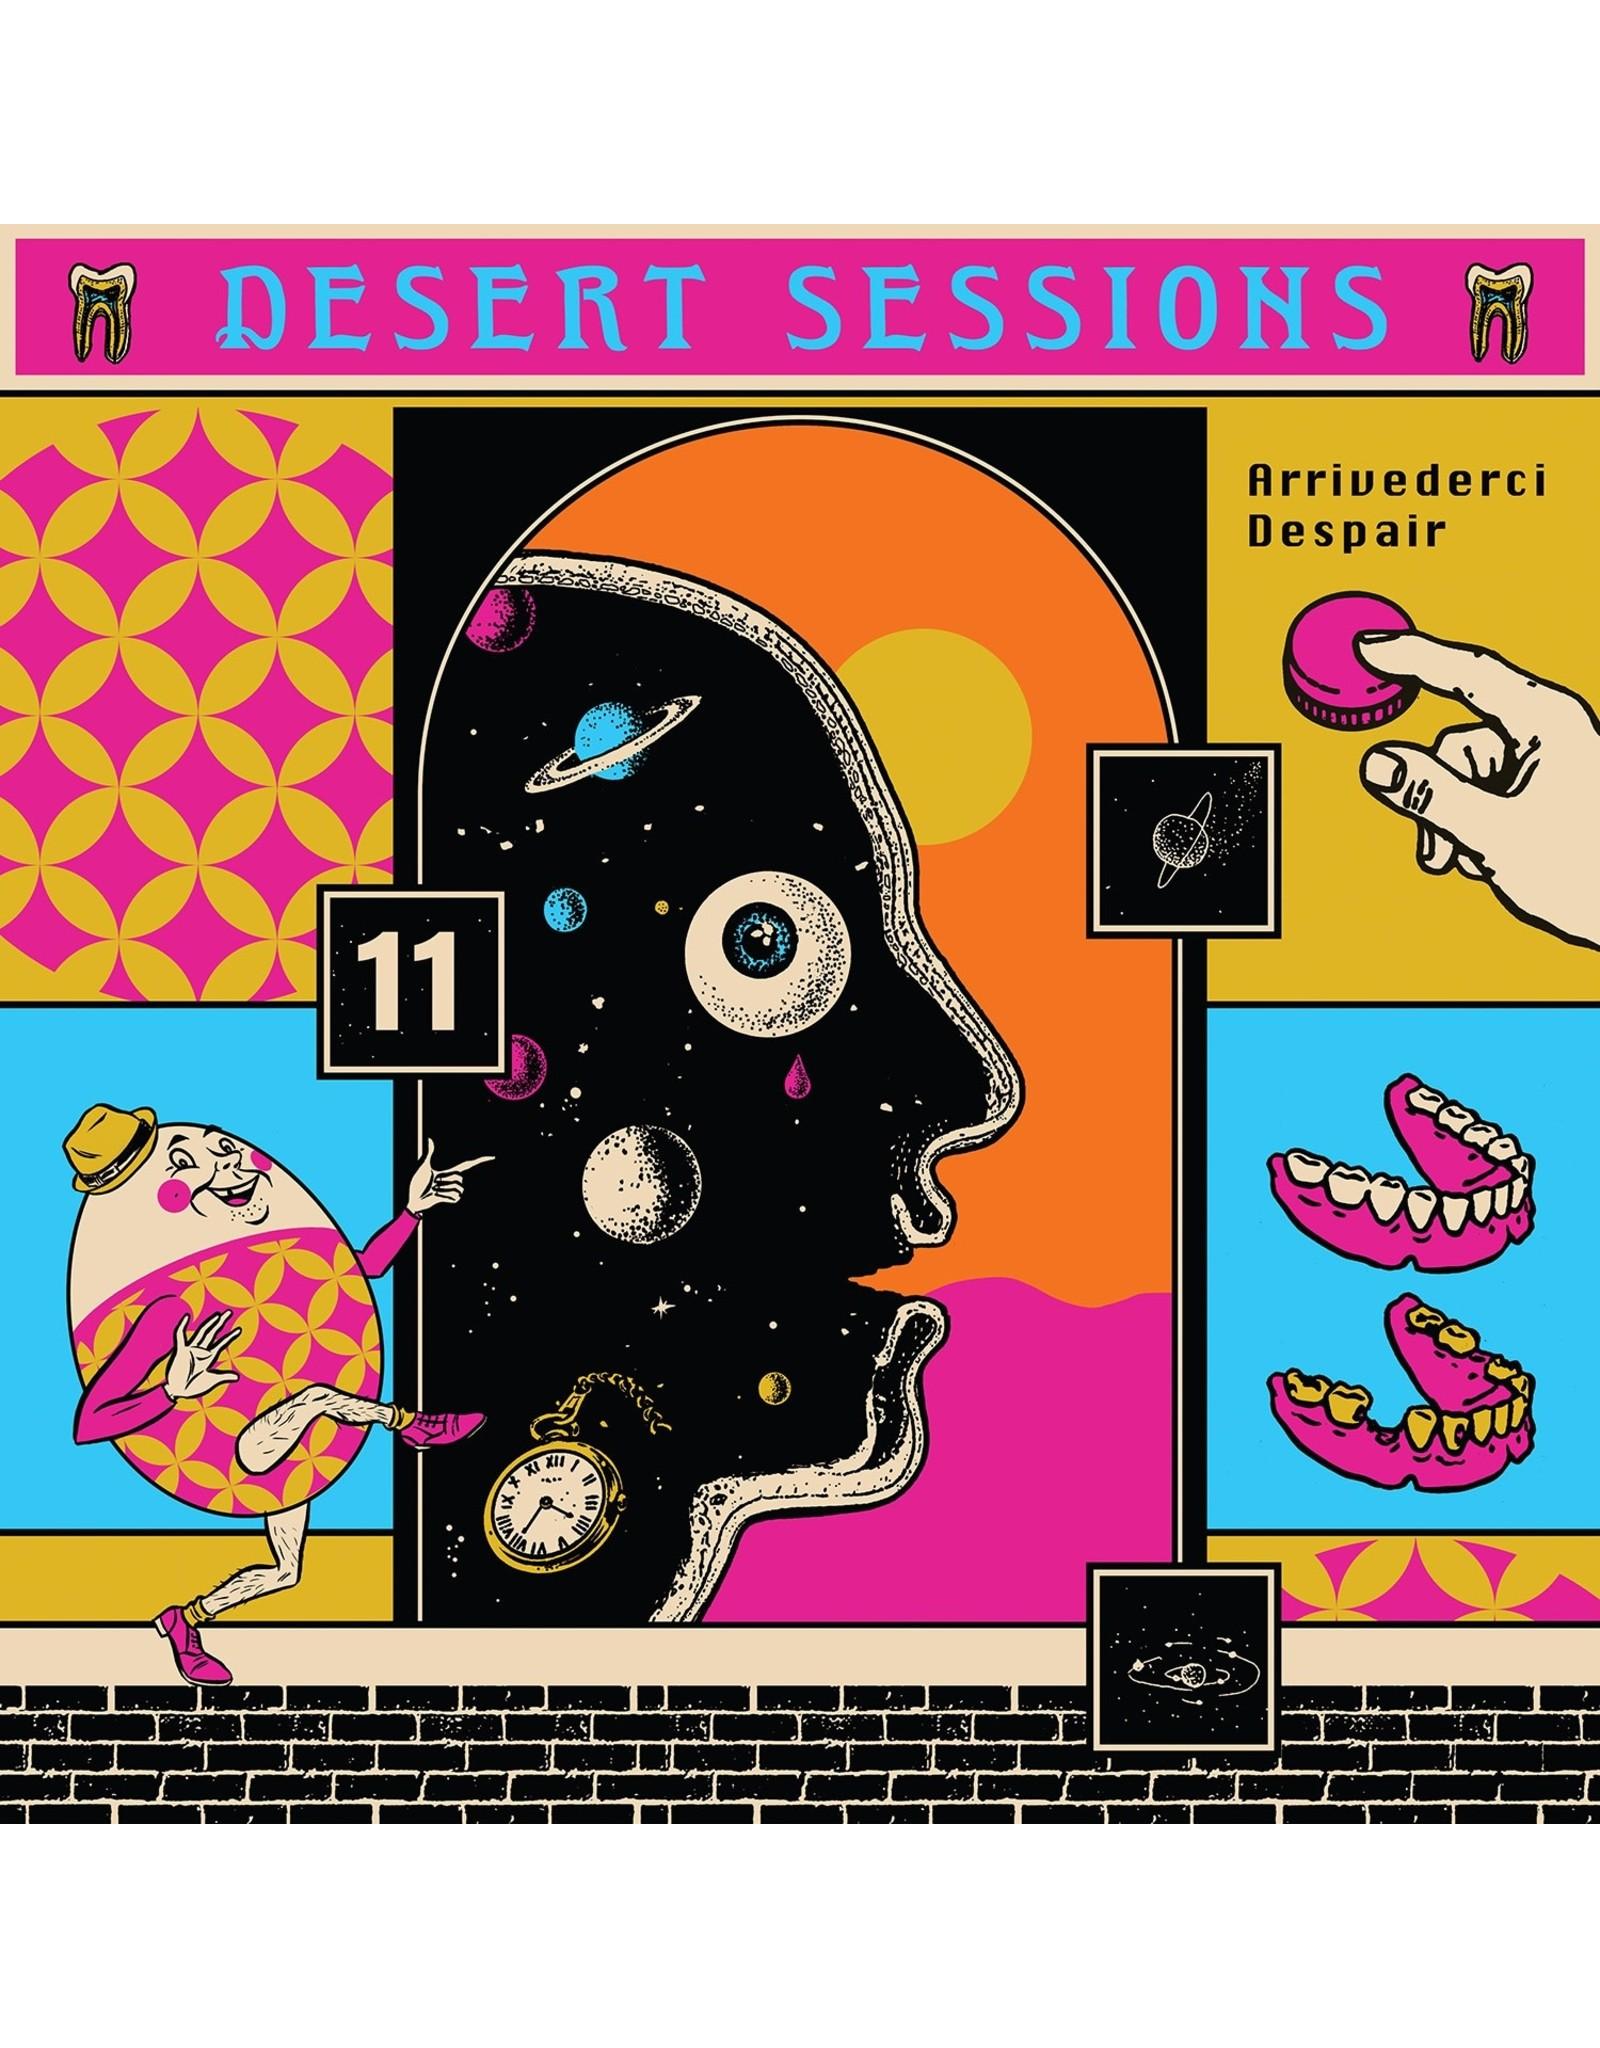 Desert Sessions - Desert Sessions Vol. 11 & 12 LP